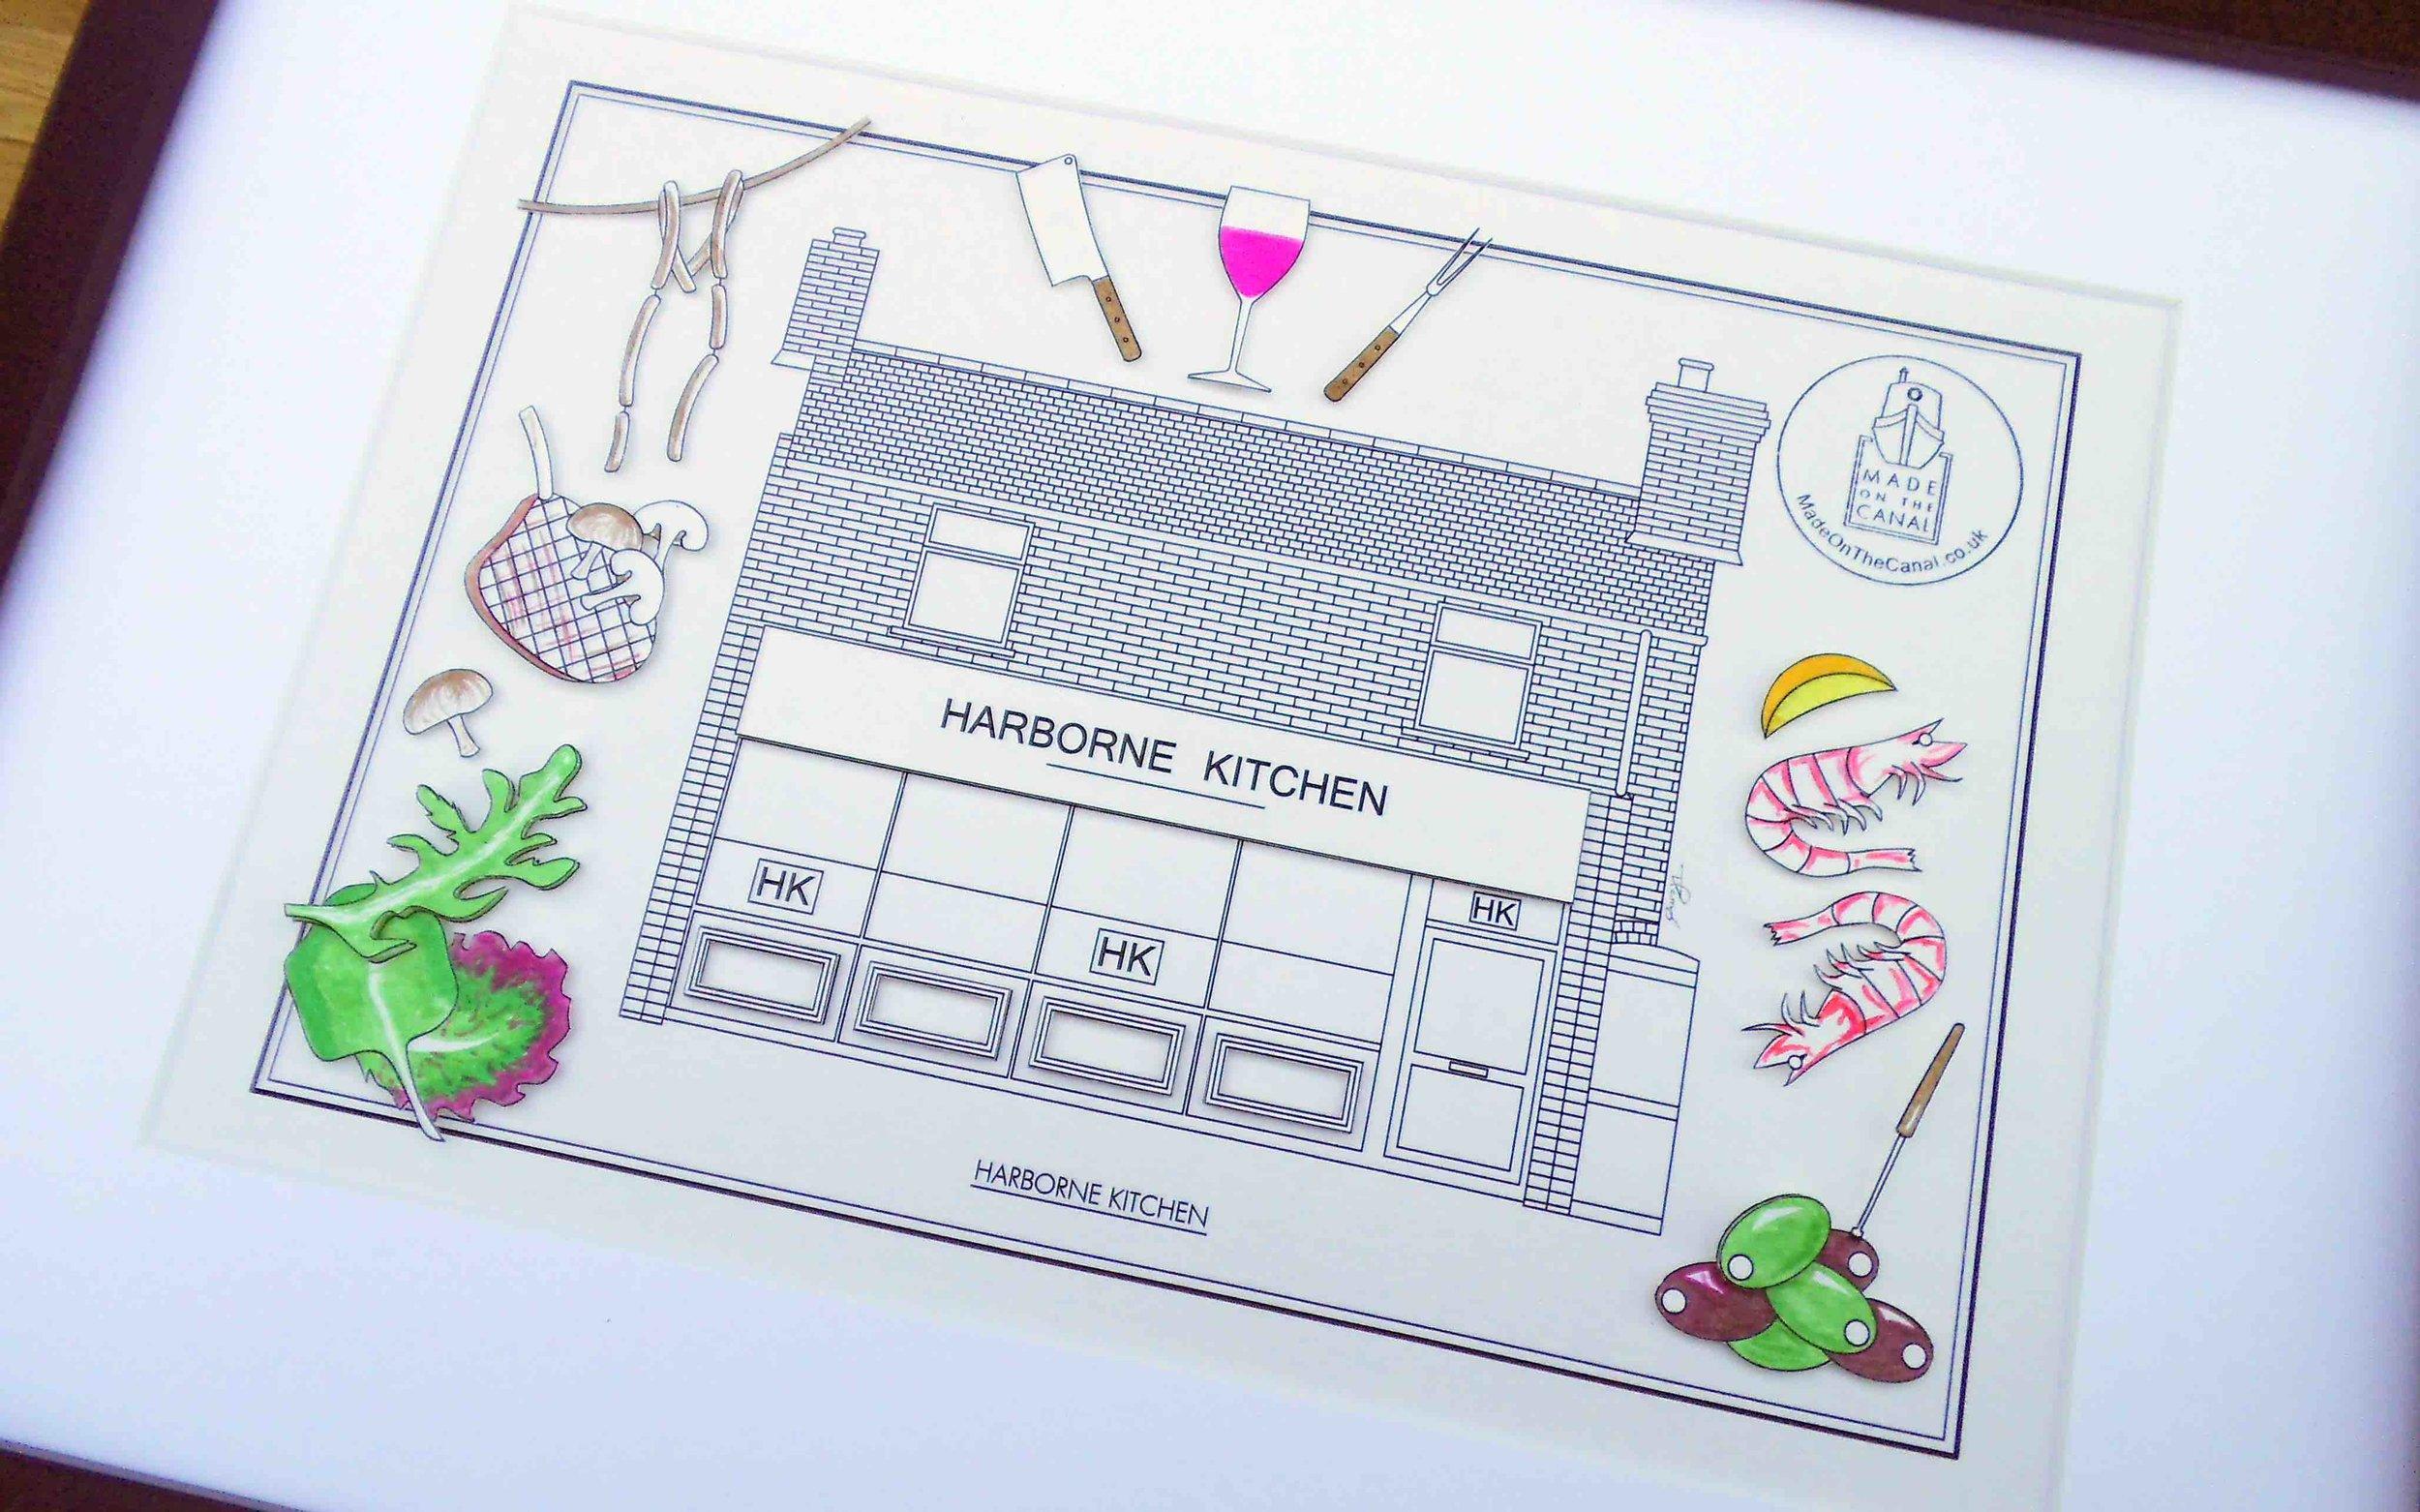 Harborne Kitchen.jpg